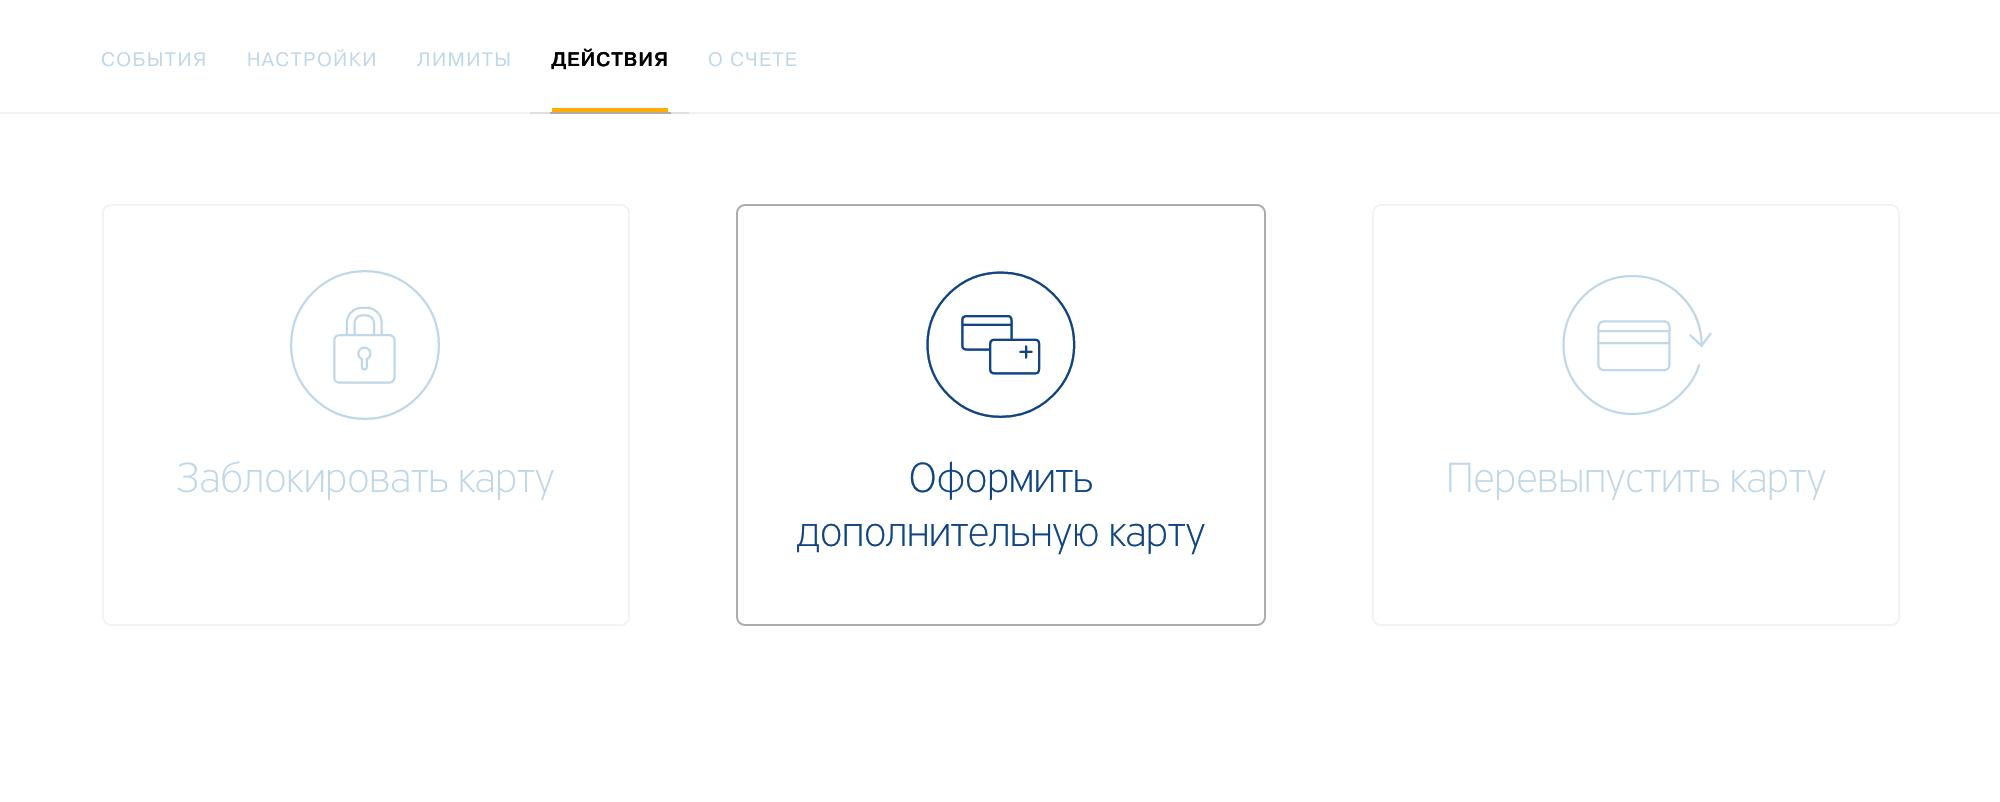 Оформите дополнительную карту через интернет-банк: Карта {amp}amp;rarr; Действия {amp}amp;rarr; Оформить дополнительную карту